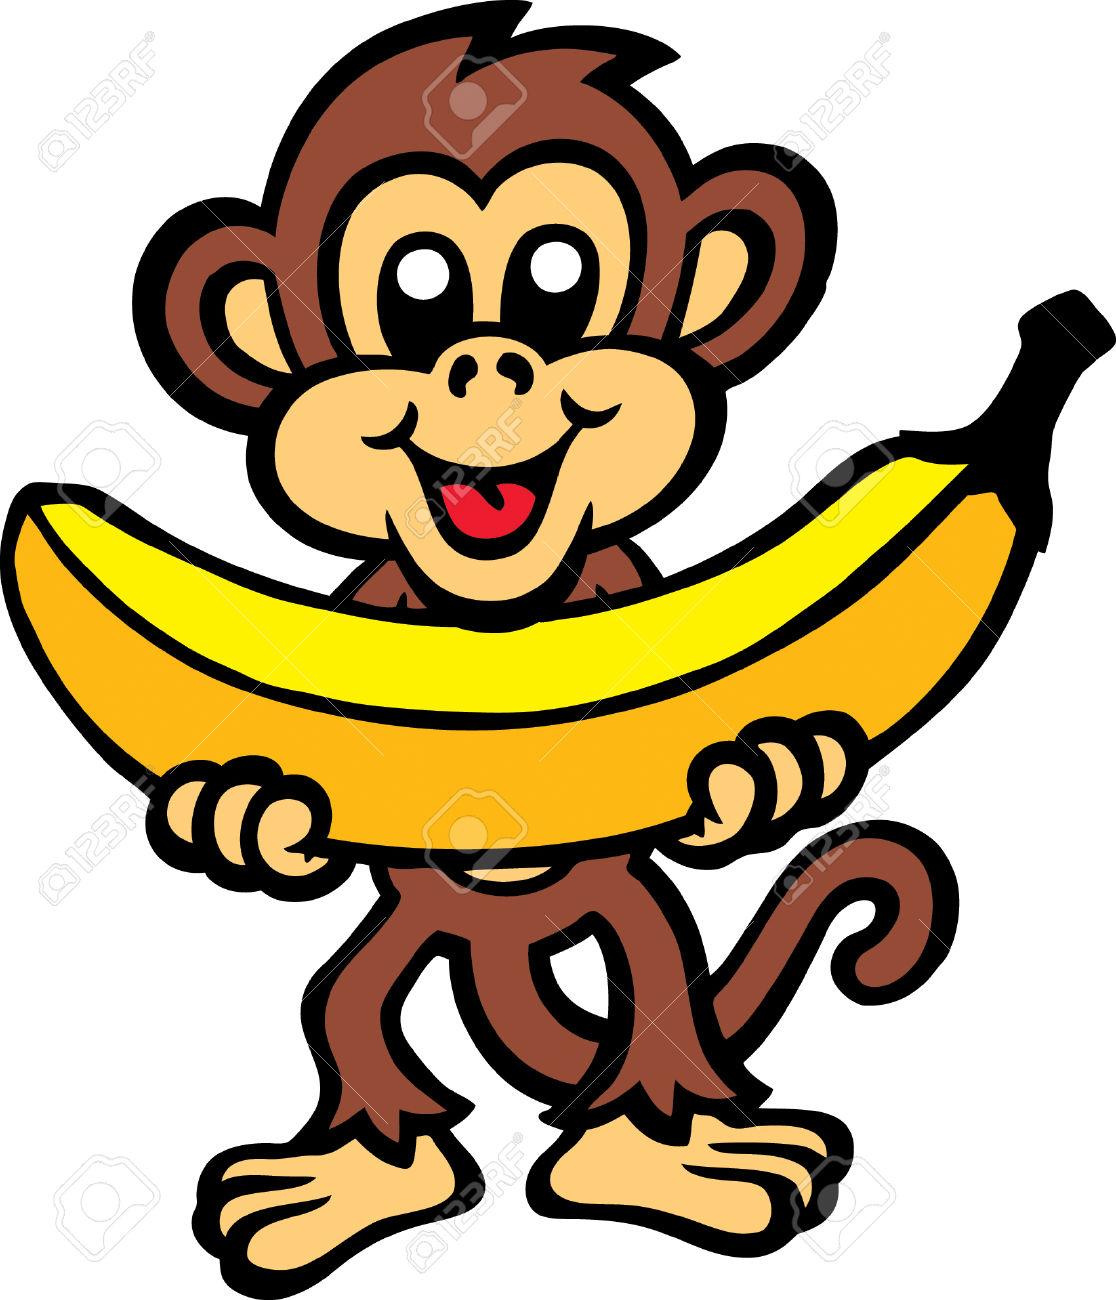 Monkey Banana Clipart.